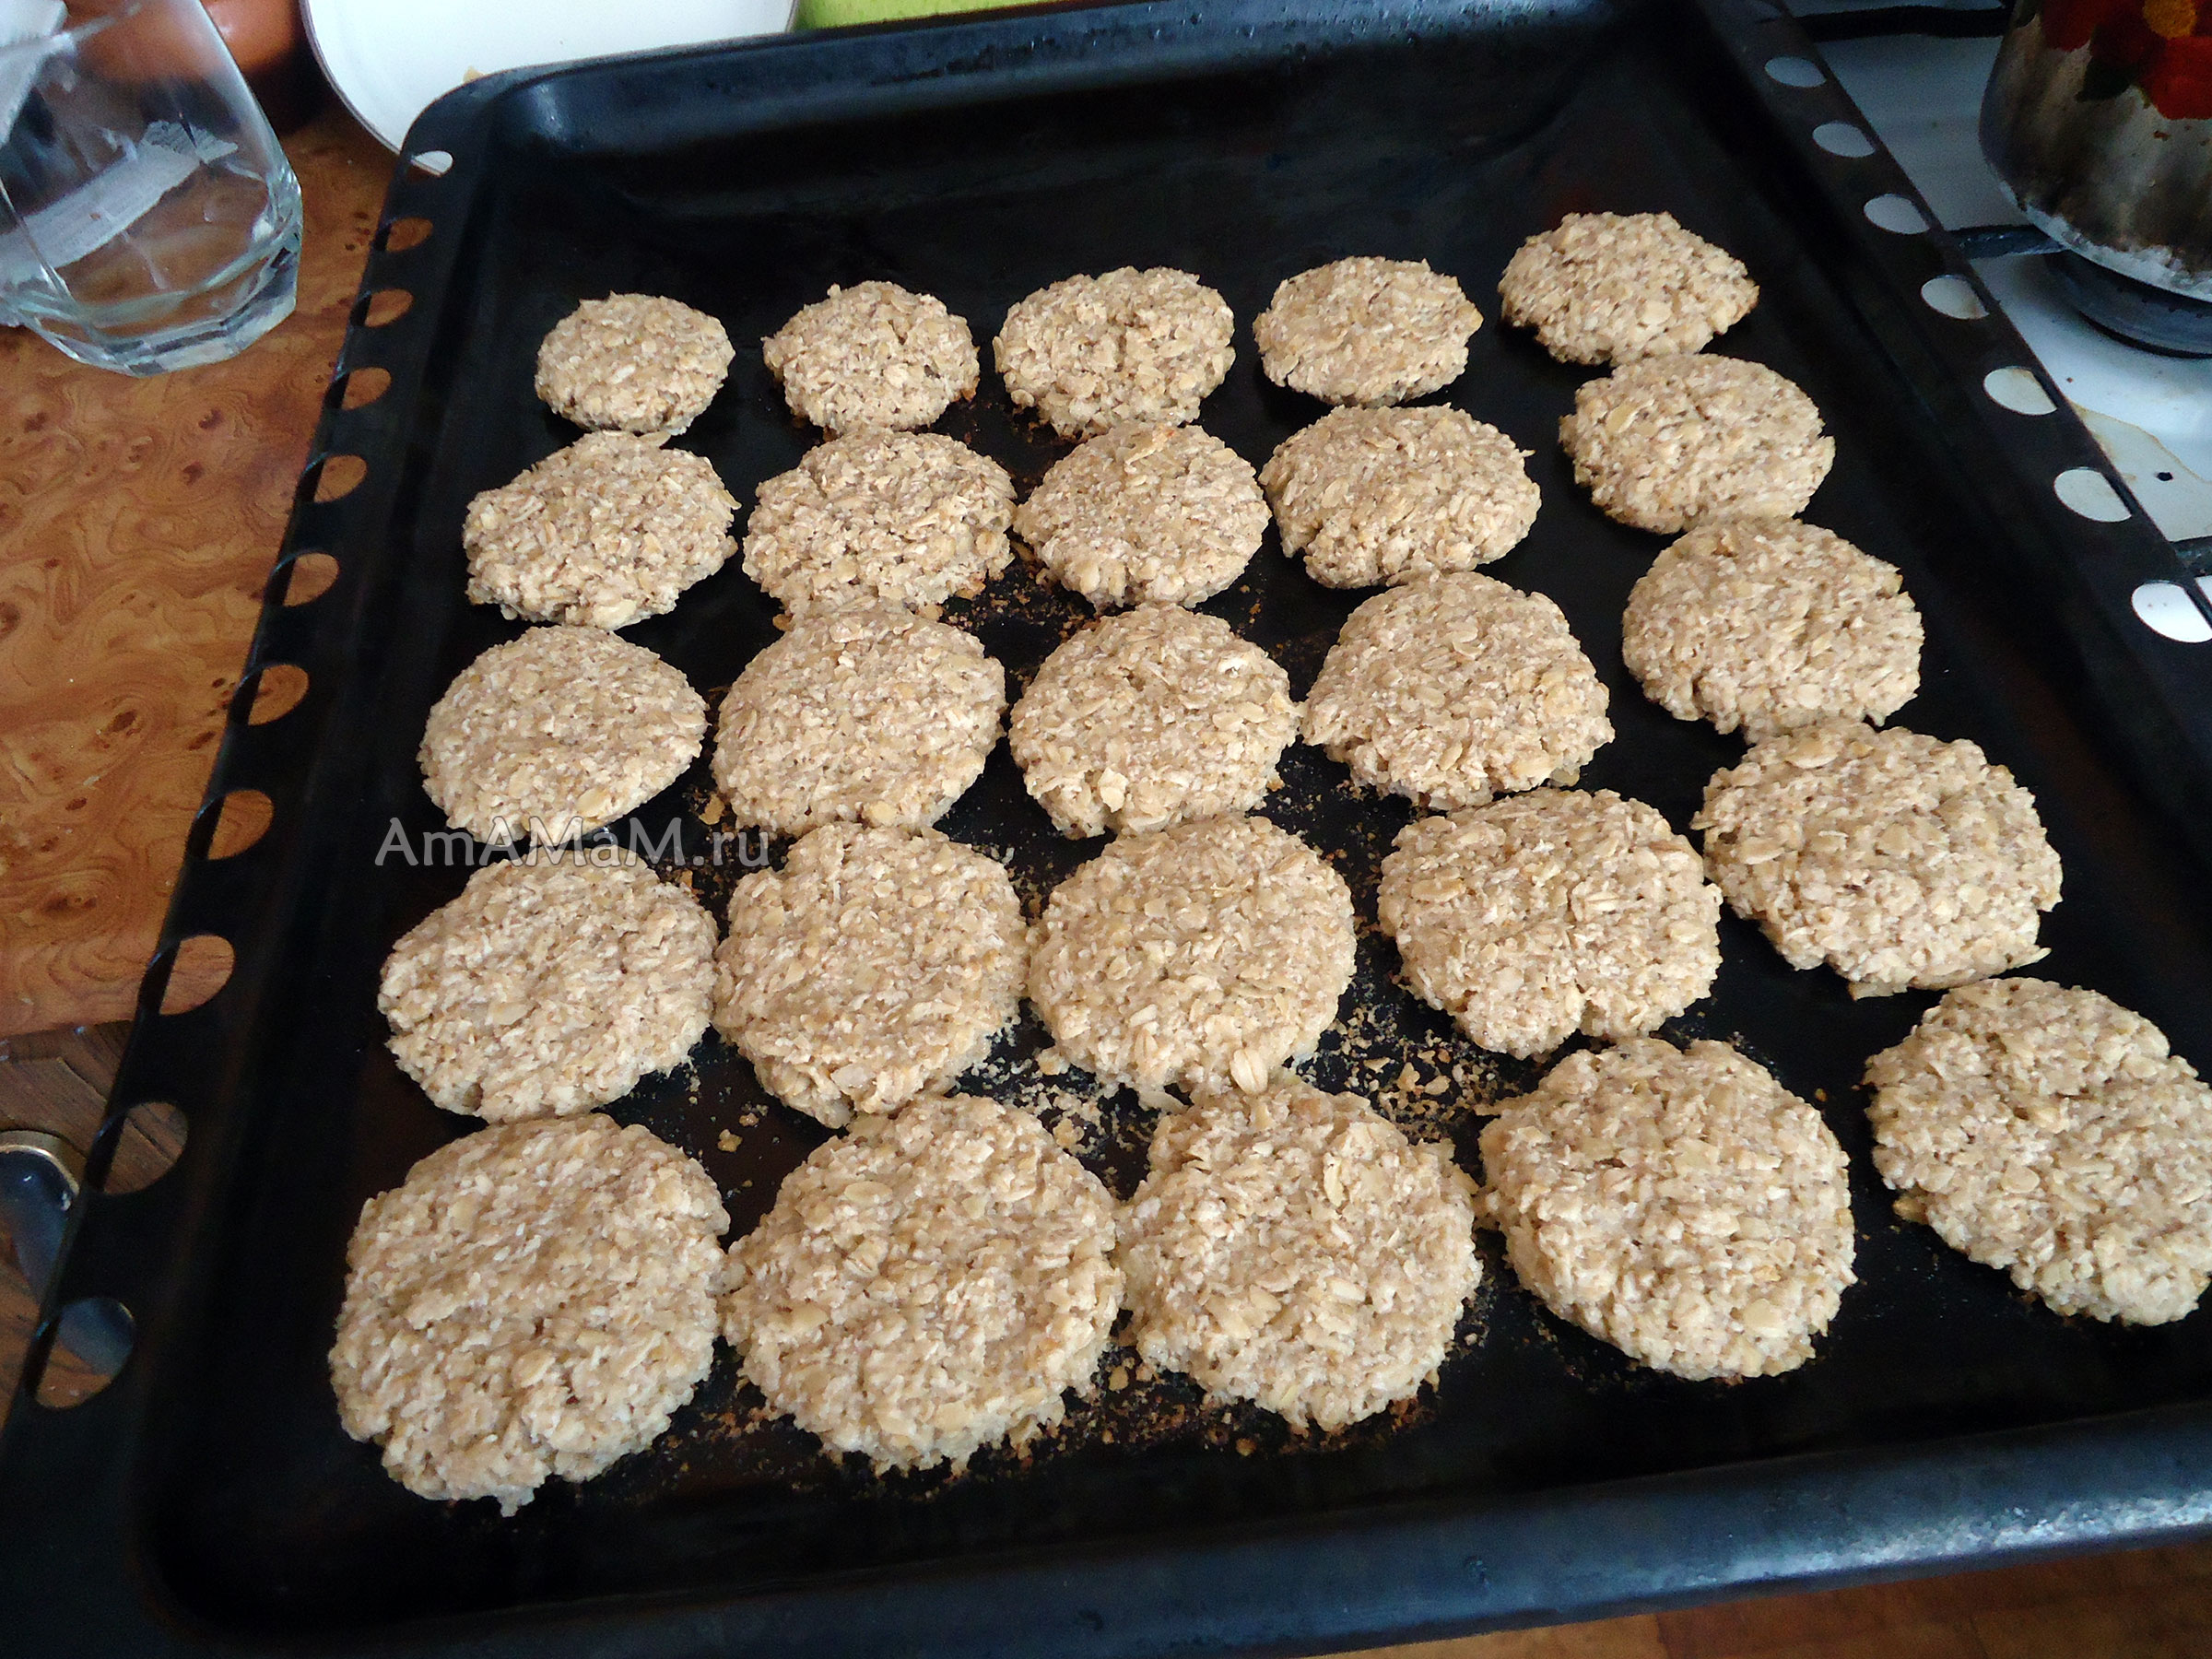 Овсяное печенье дома своими руками 151